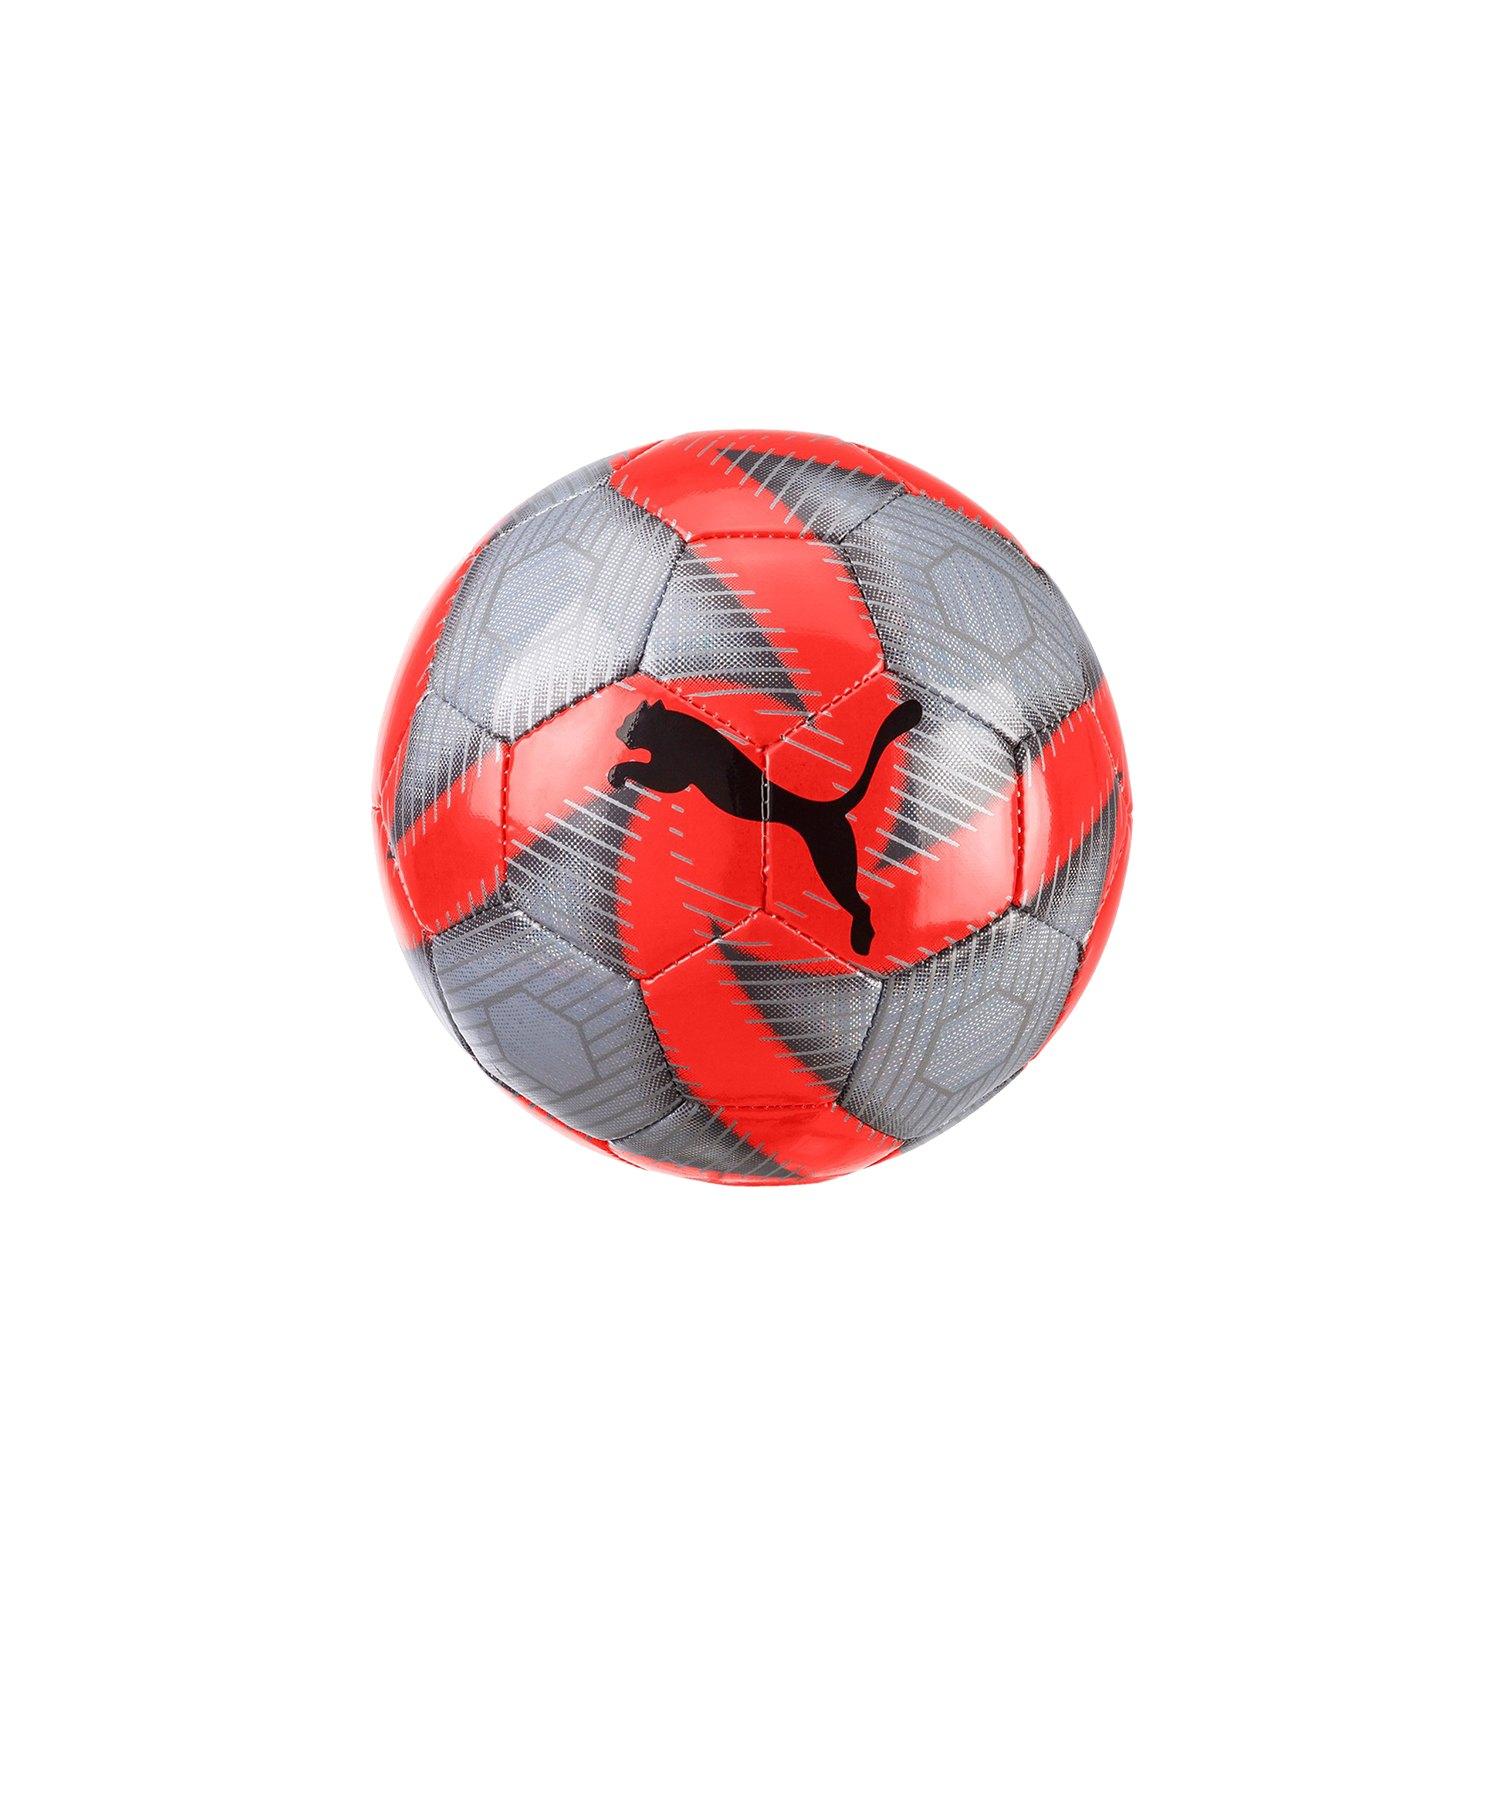 PUMA FUTURE Flare Miniball Grau Rot F01 - Grau